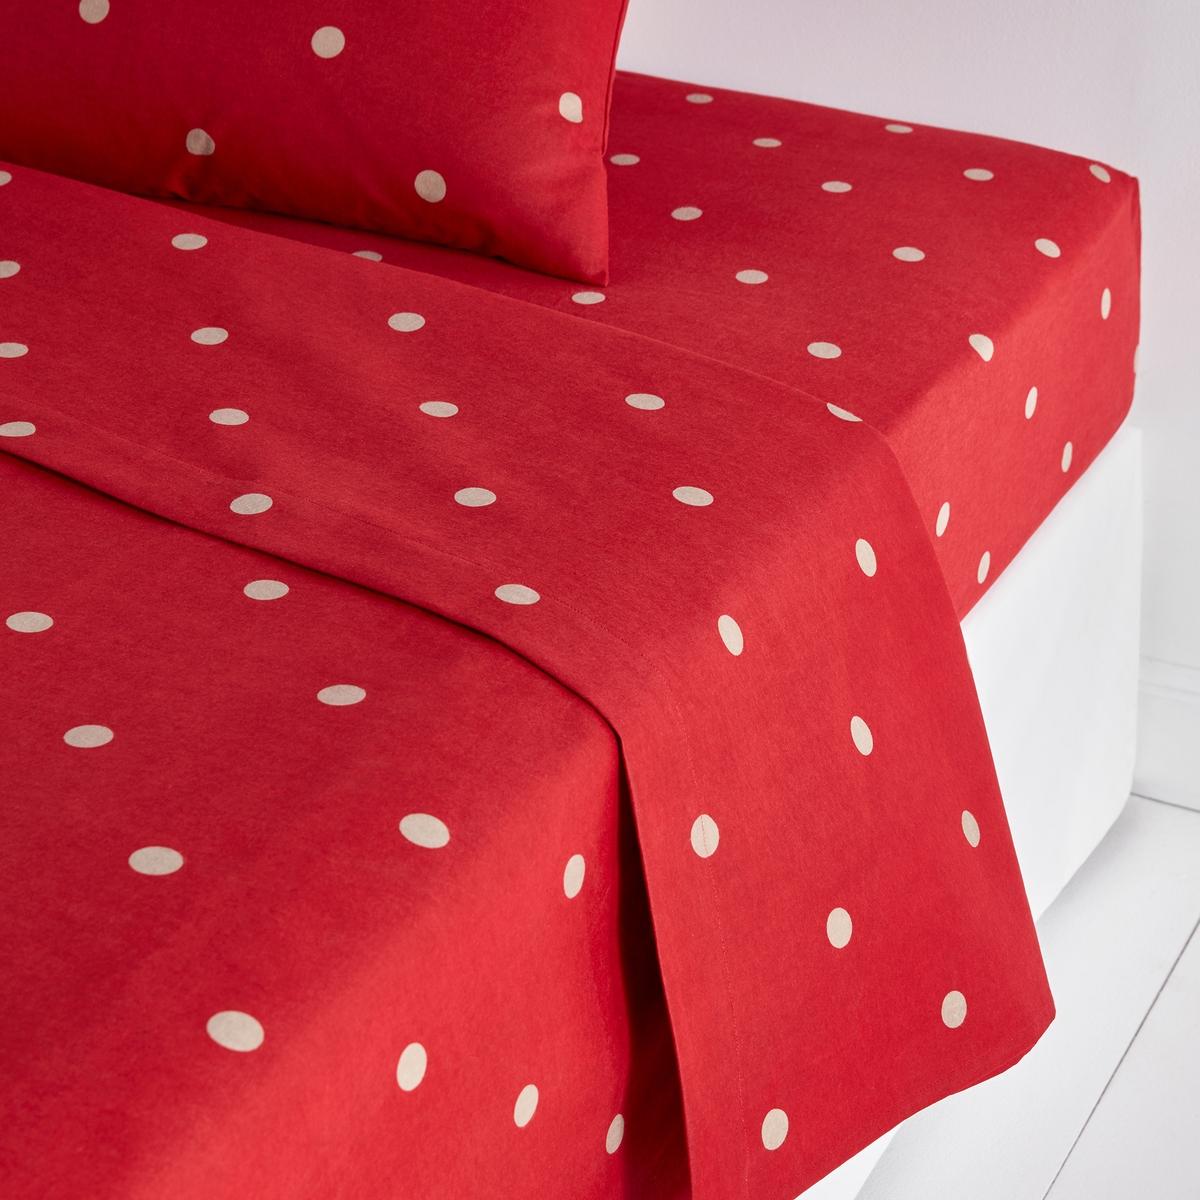 Простыня из фланели с рисунком, EdelweissФланелевая простыня с рисунком Edelweiss. Фланелевая простыня Edelweiss из 100% хлопка с рисунком соответствует идеалам удобства и уюта и дарит Вам комфорт и исключительную мягкость.Характеристики фланелевой простыни Edelweiss : Простыня с рисунком в горошек цвета экрю на красном фоне.Хлопковая фланель плотностью 152 г/м? : теплая и пушистая, прошедшая предварительную усадку для устойчивости к стиркам. Великолепно сохраняет цвет после стирок при 60°.Больше постельного белья Edelweiss на сайте laredoute. Знак Oeko-Tex® гарантирует, что товары прошли проверку и были изготовлены без применения вредных для здоровья человека веществ .Размеры :180 x 290 см : 1-сп.240 х 290 см : 2-сп..270 x 290 см : 2-сп..<br><br>Цвет: бежевый/ красный<br>Размер: 180 x 290  см